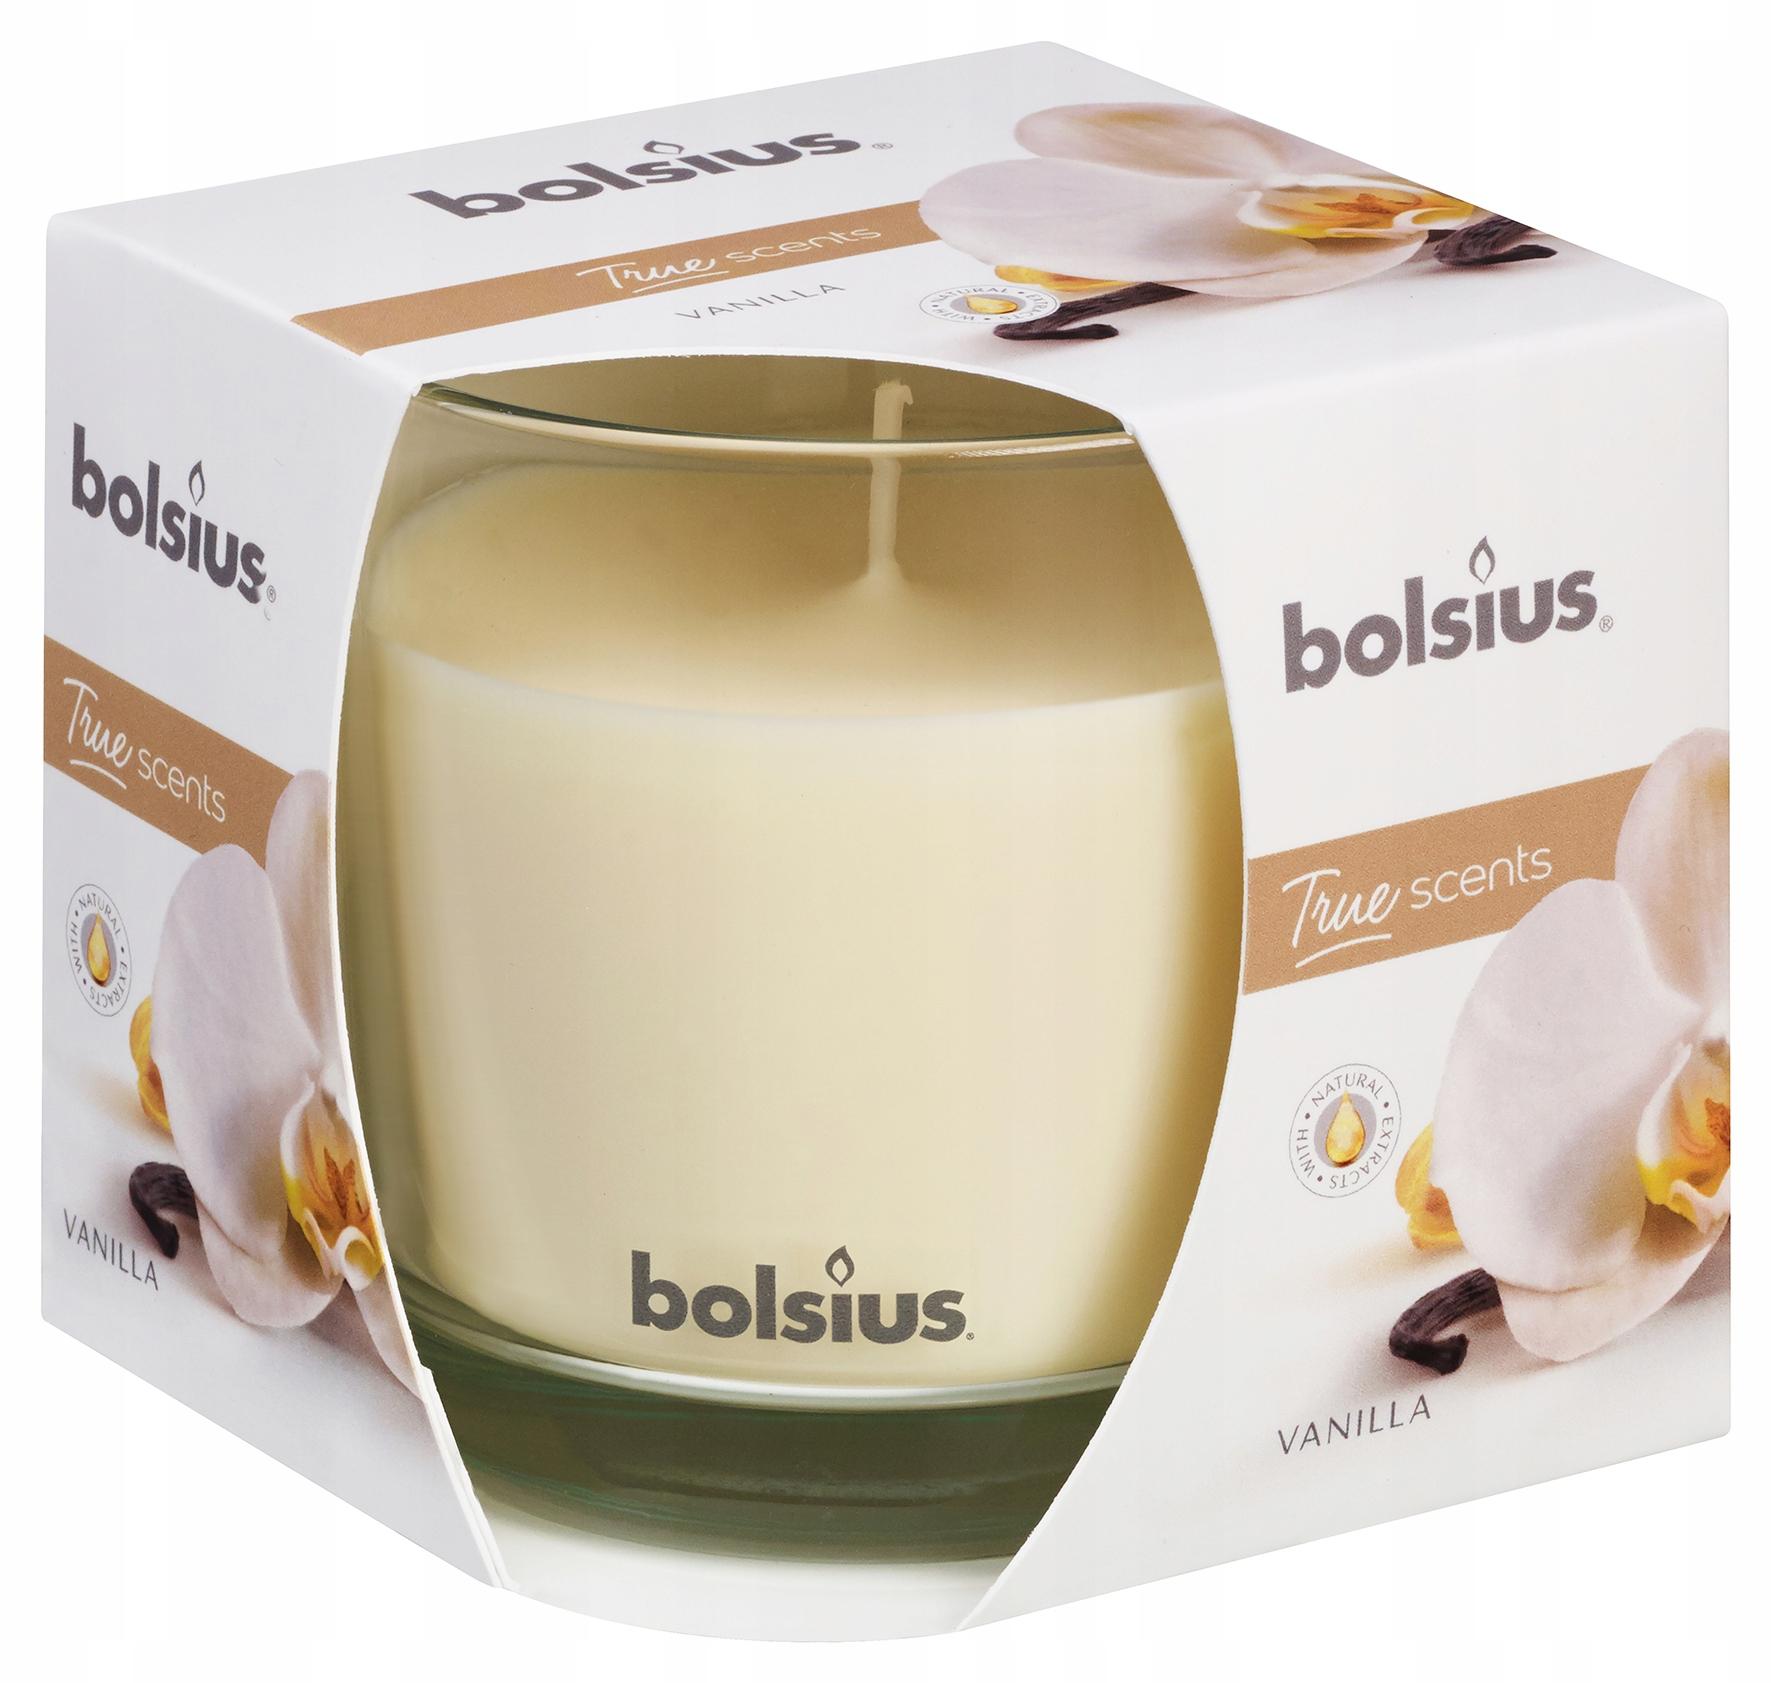 Zestaw 3 Świec w szkle na PREZENT marki BOLSIUS Kod produktu 101077